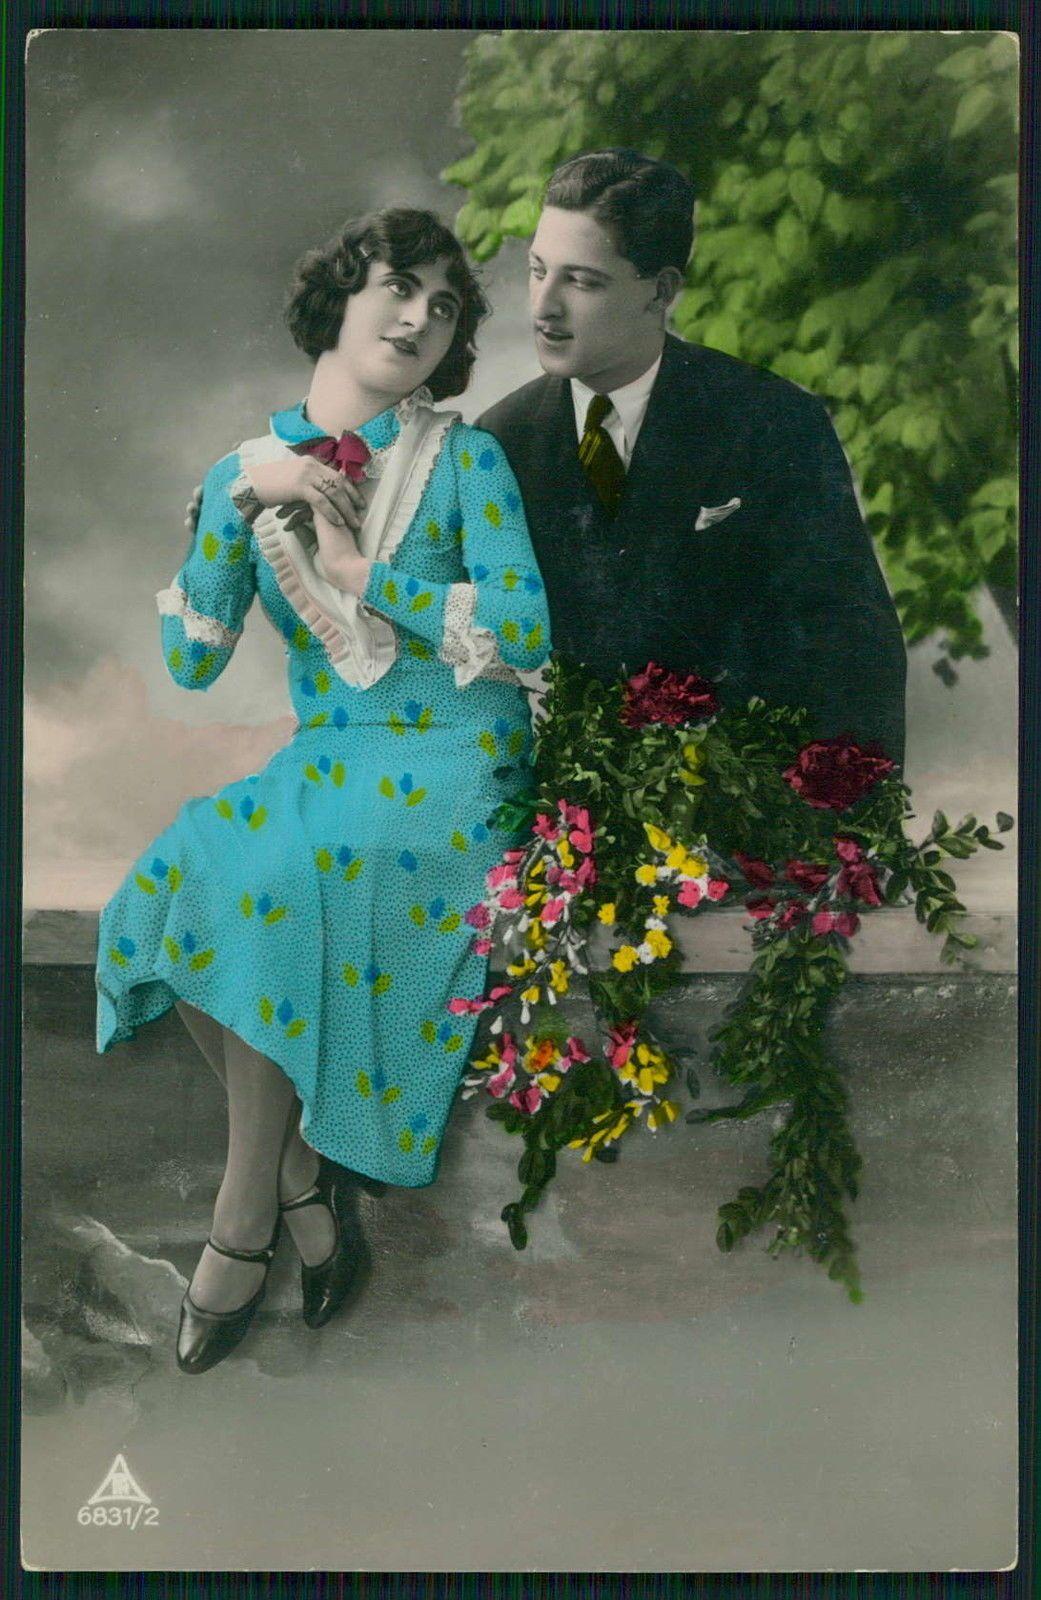 Edwardian love visit romance couple original old c1910s